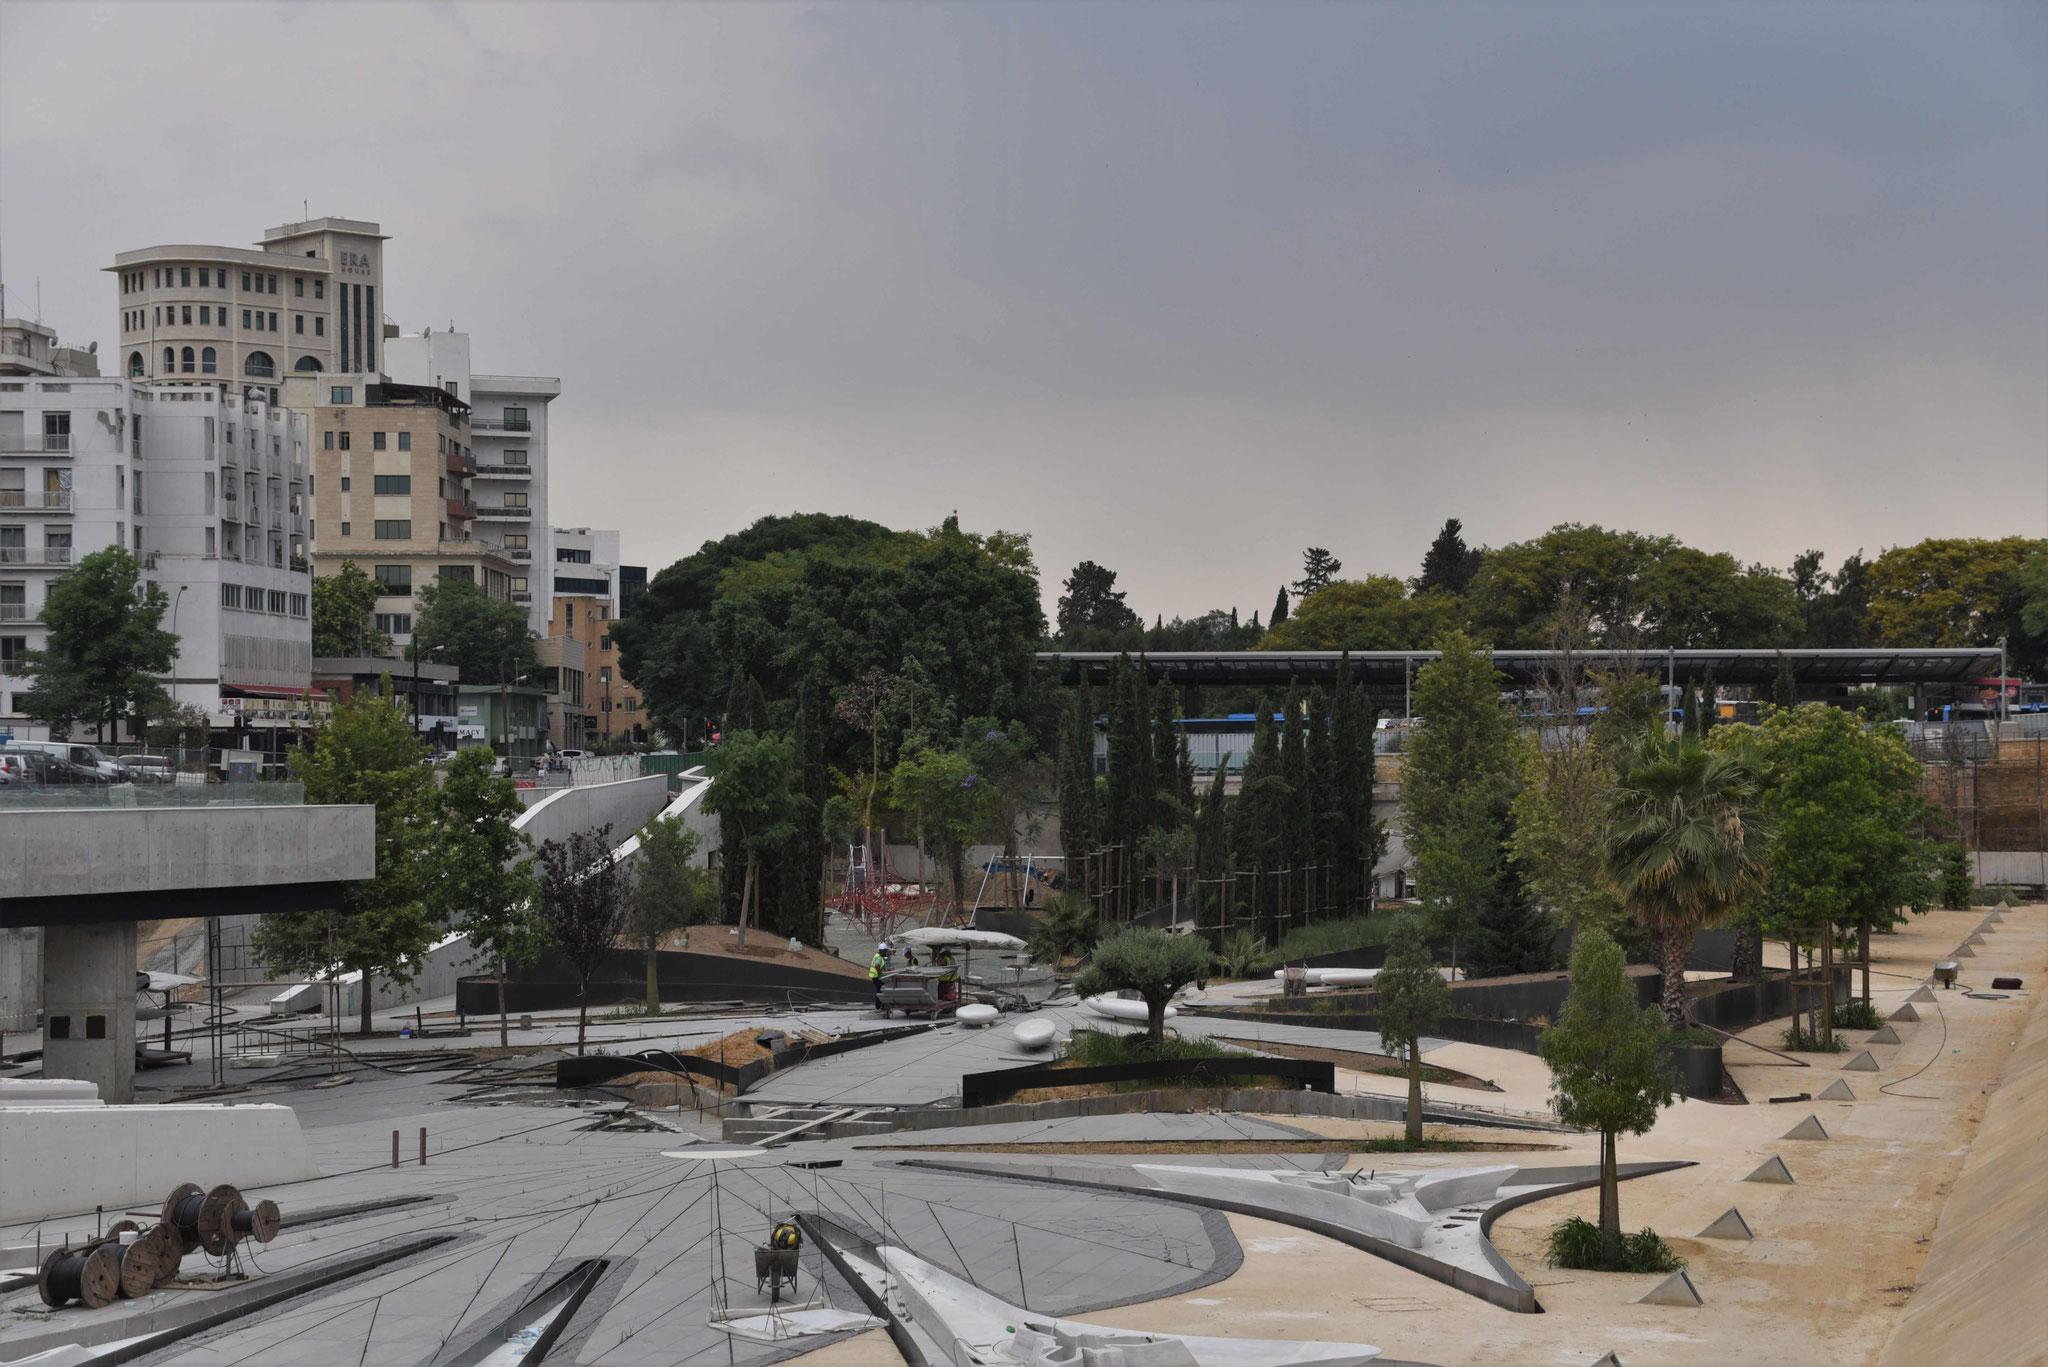 Erinnerte uns an den Dongdaemun Design Plaza in Südkorea